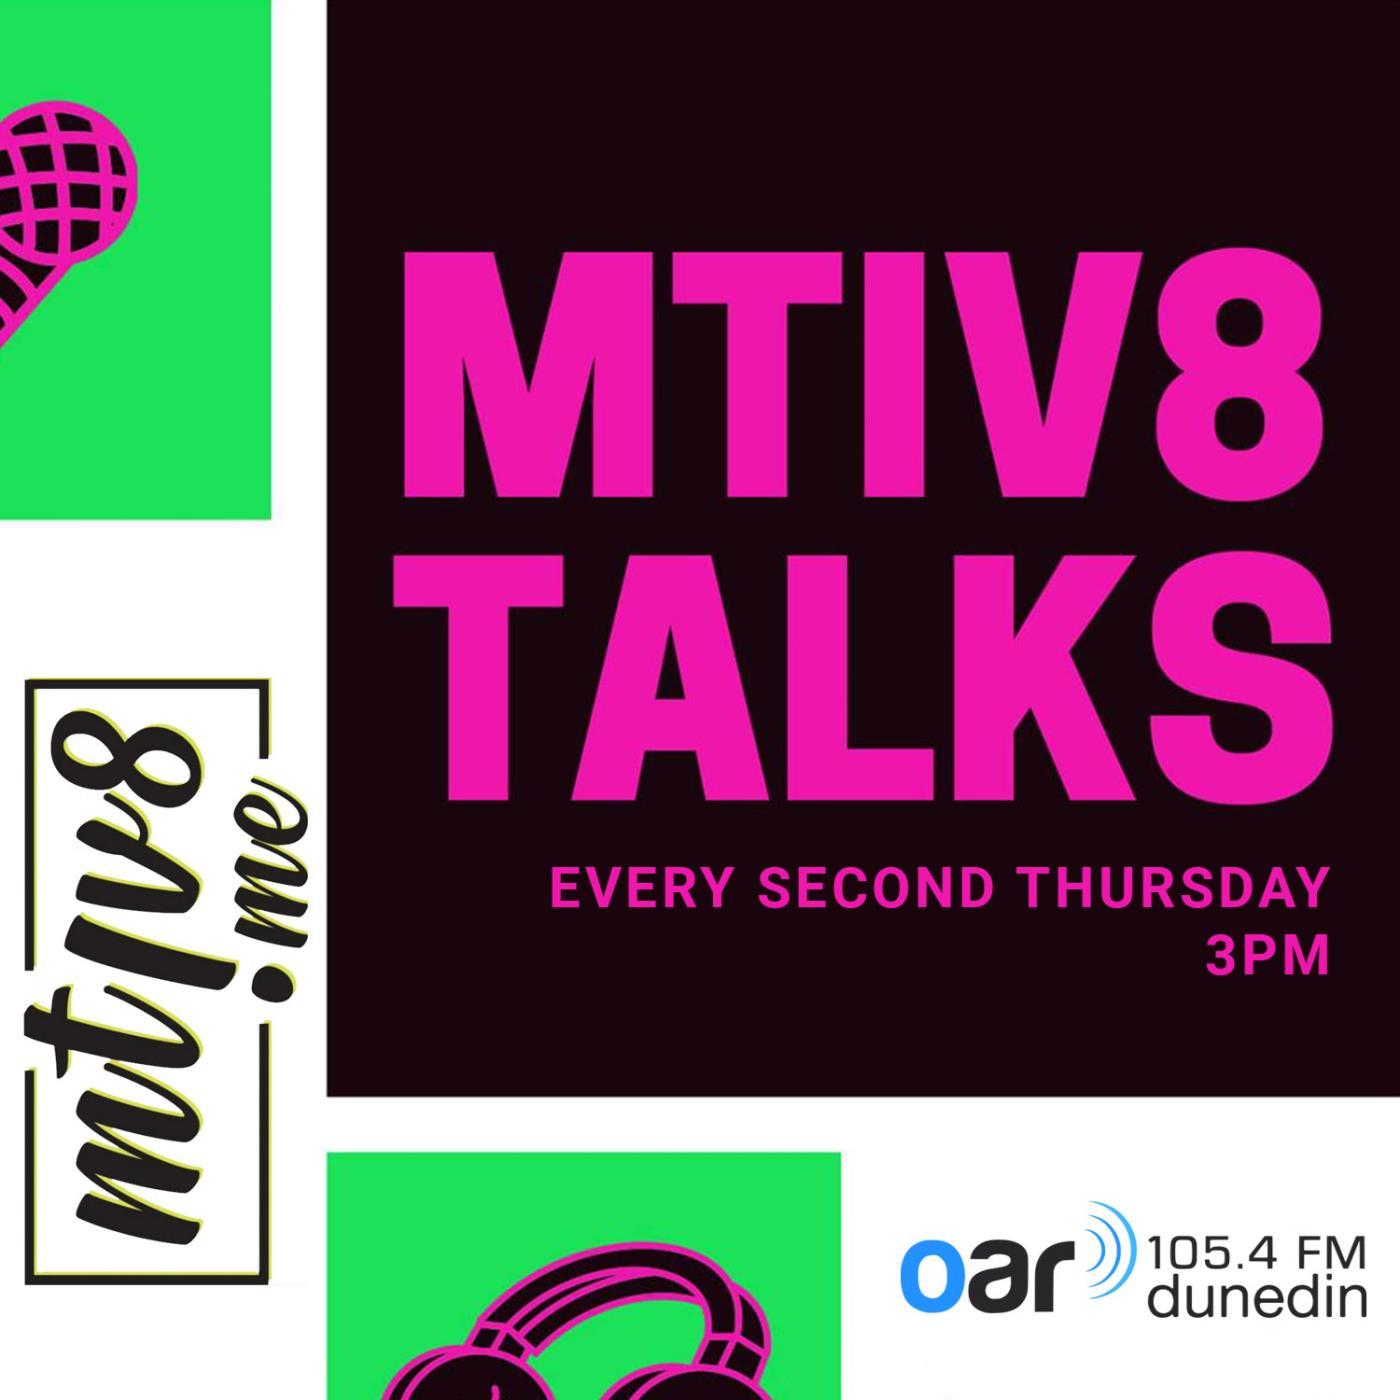 mtiv8Talks